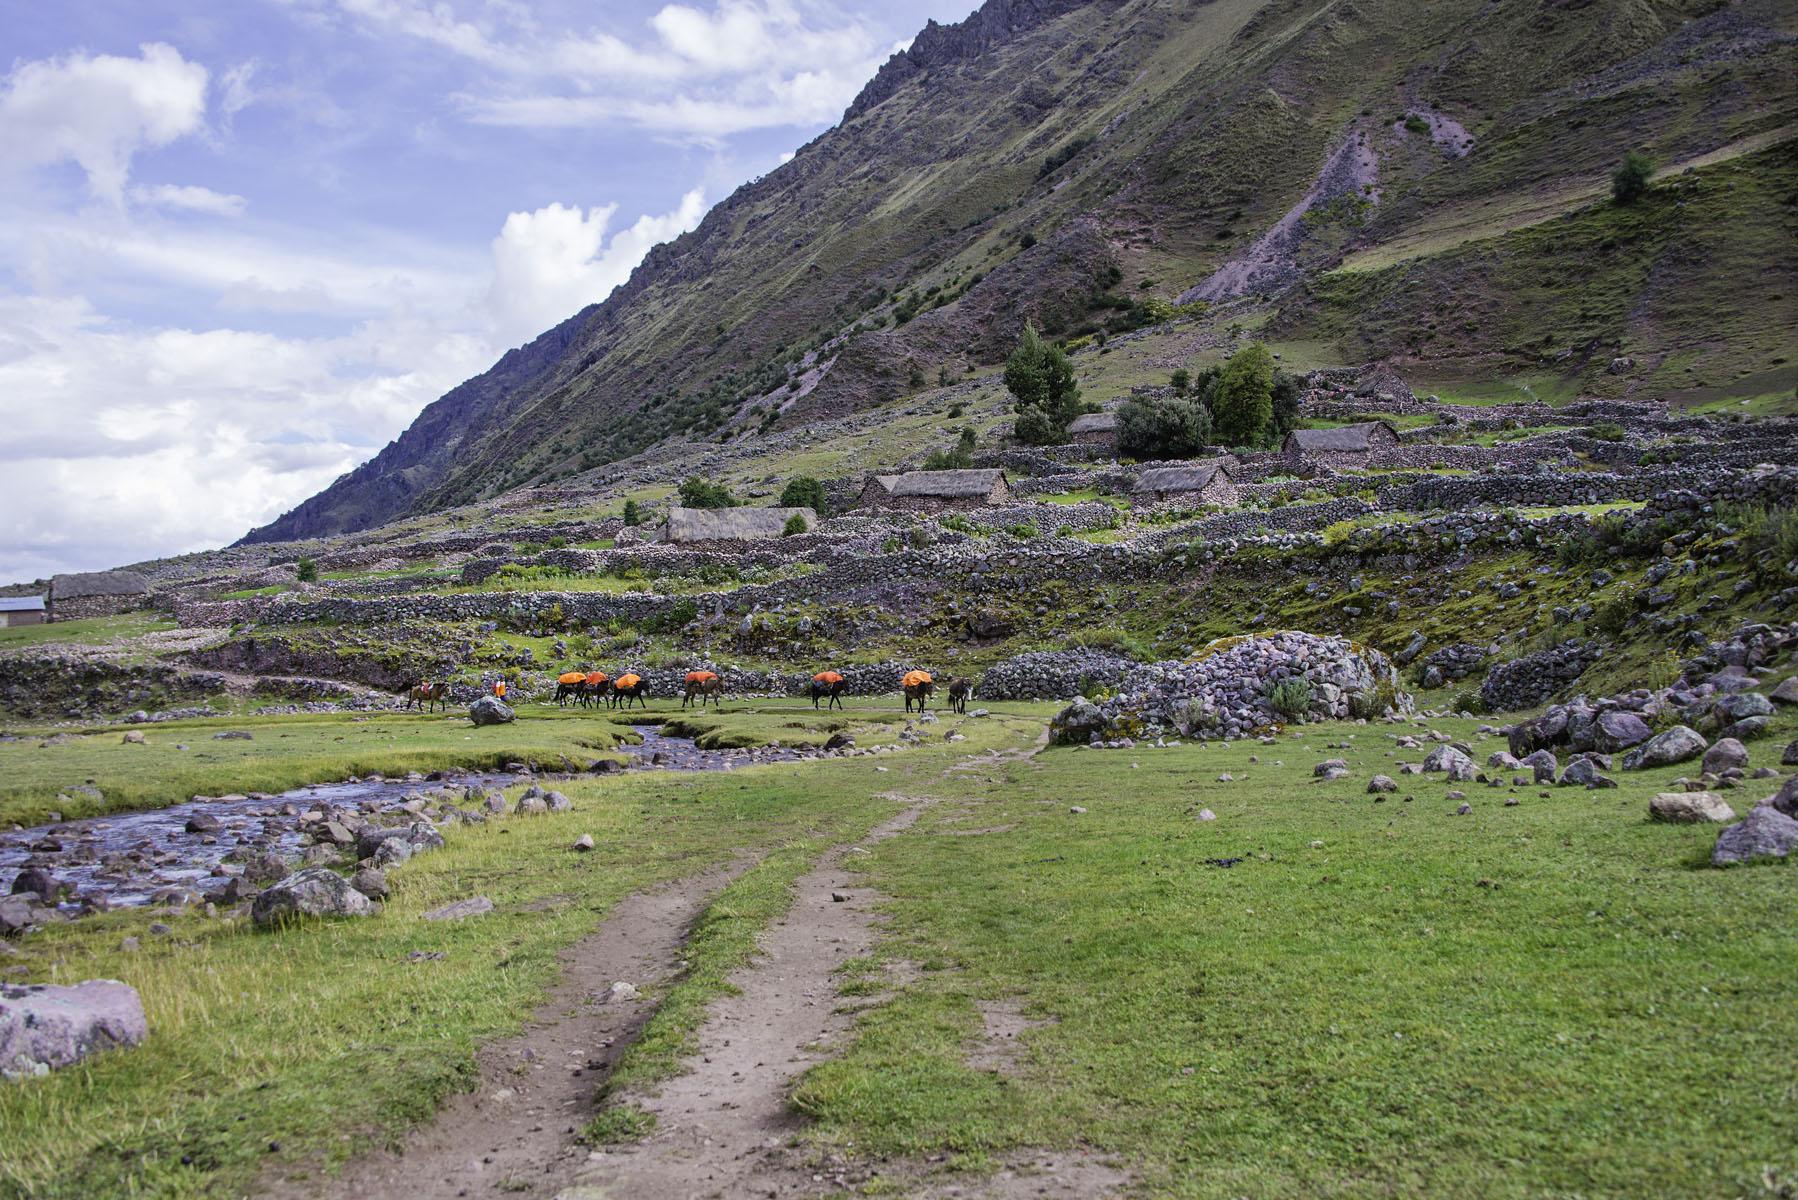 385-Peru-5-15_web.jpg